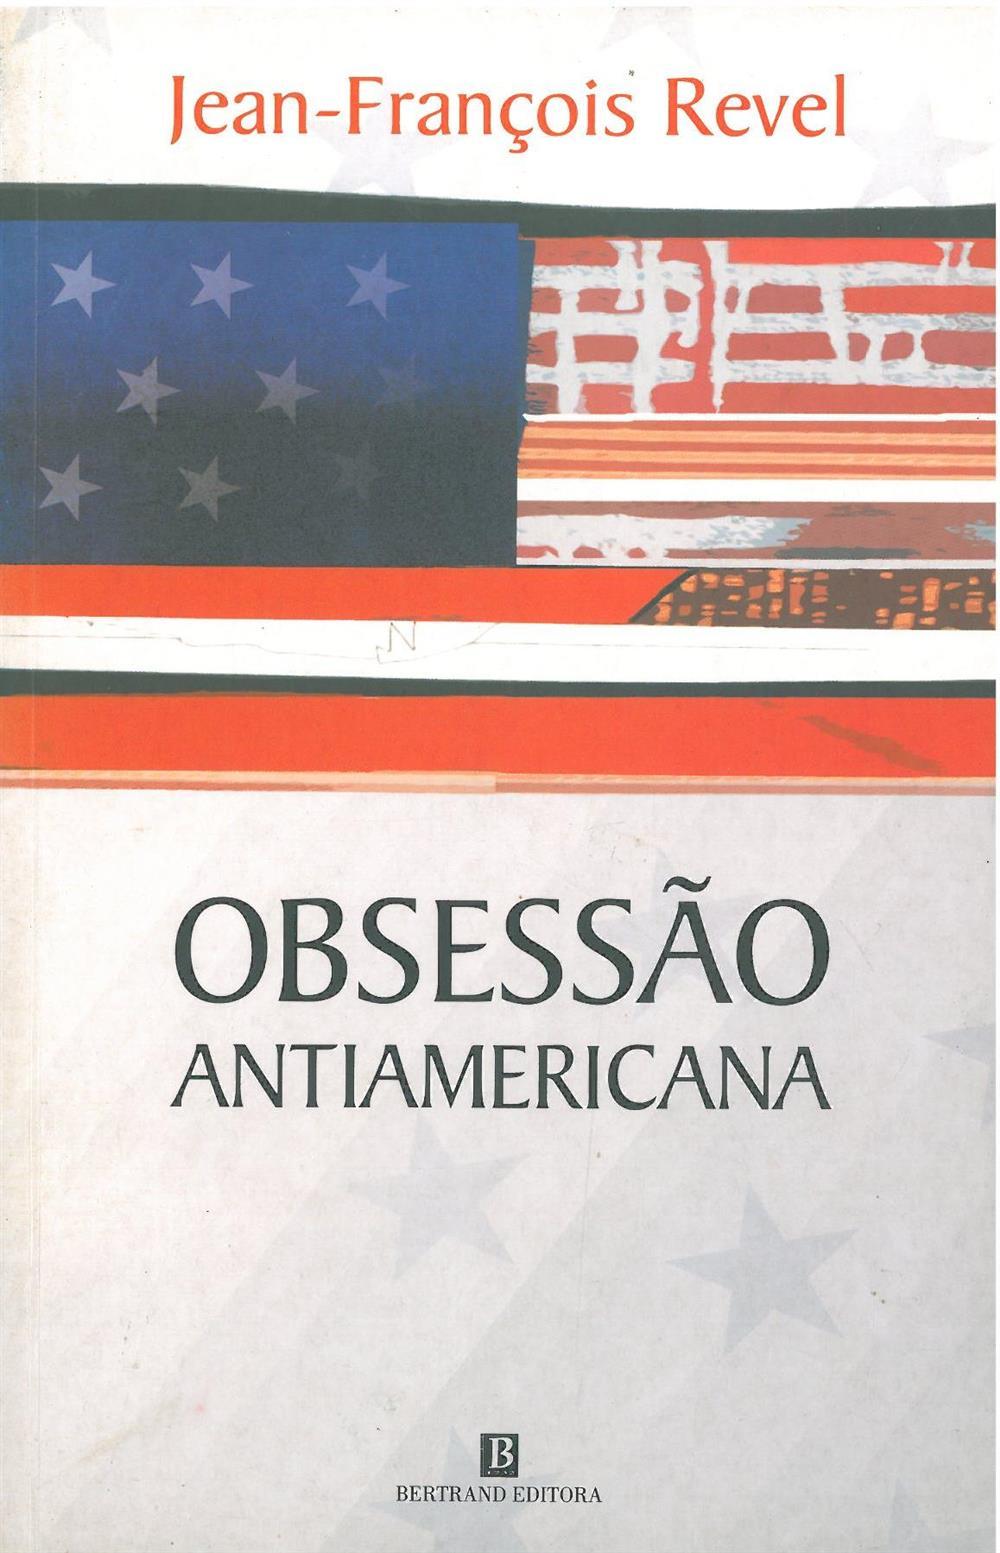 Obsessão antiamericana_.jpg